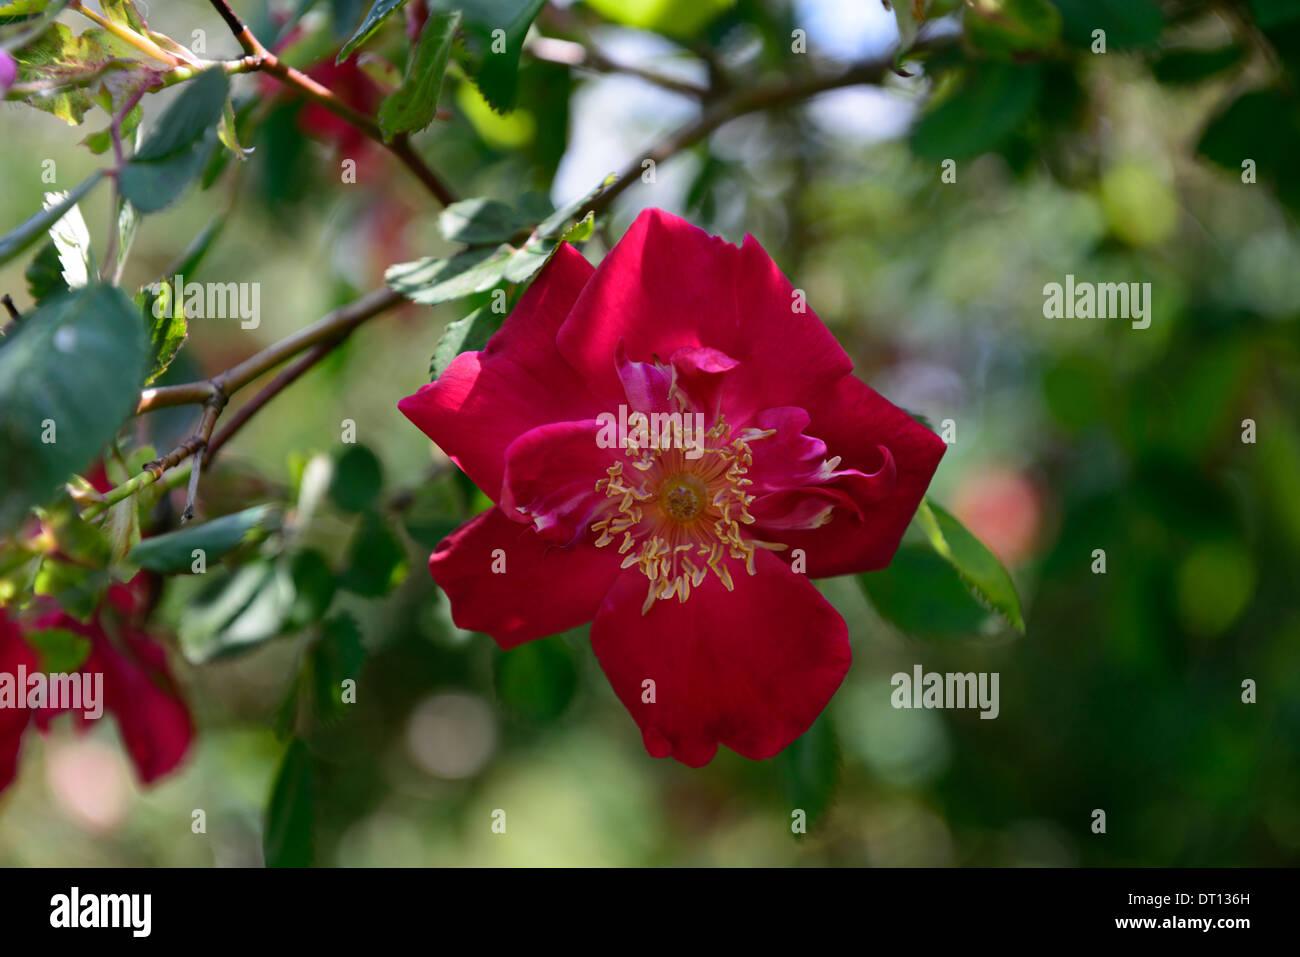 rosa eddie's jewel moyesii hybrid shrub rose roses red flower flowers flowering bloom blooming - Stock Image